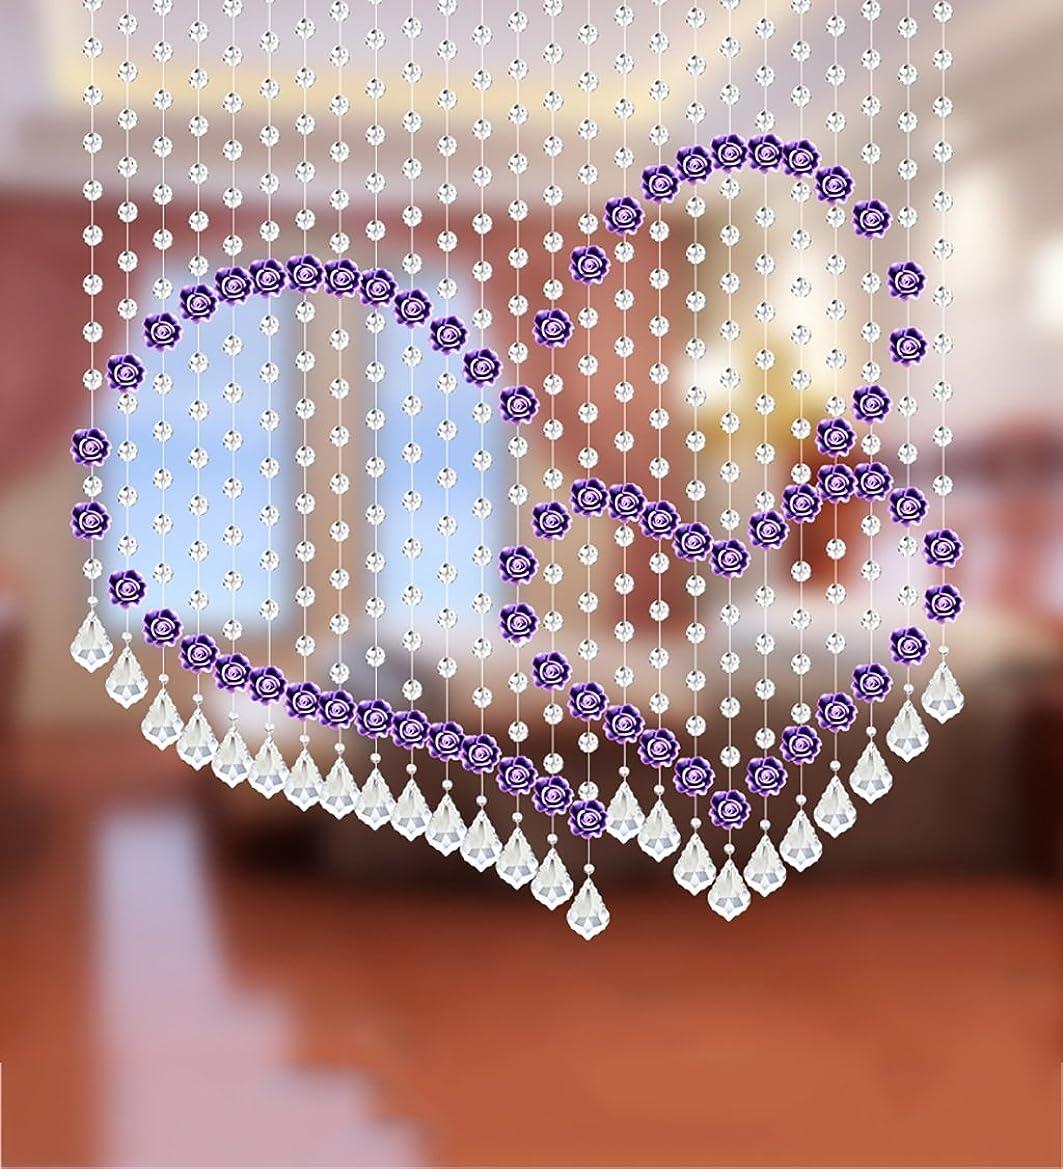 誠実さアラスカキャロラインLIQICAI ウェディングインテリアShopwindow、332.5 * 120CM、4色をご利用のロマンチックなビーズカーテンダブルハートシェイプクリスタルルームディバイダーを愛する (Color : Purple)